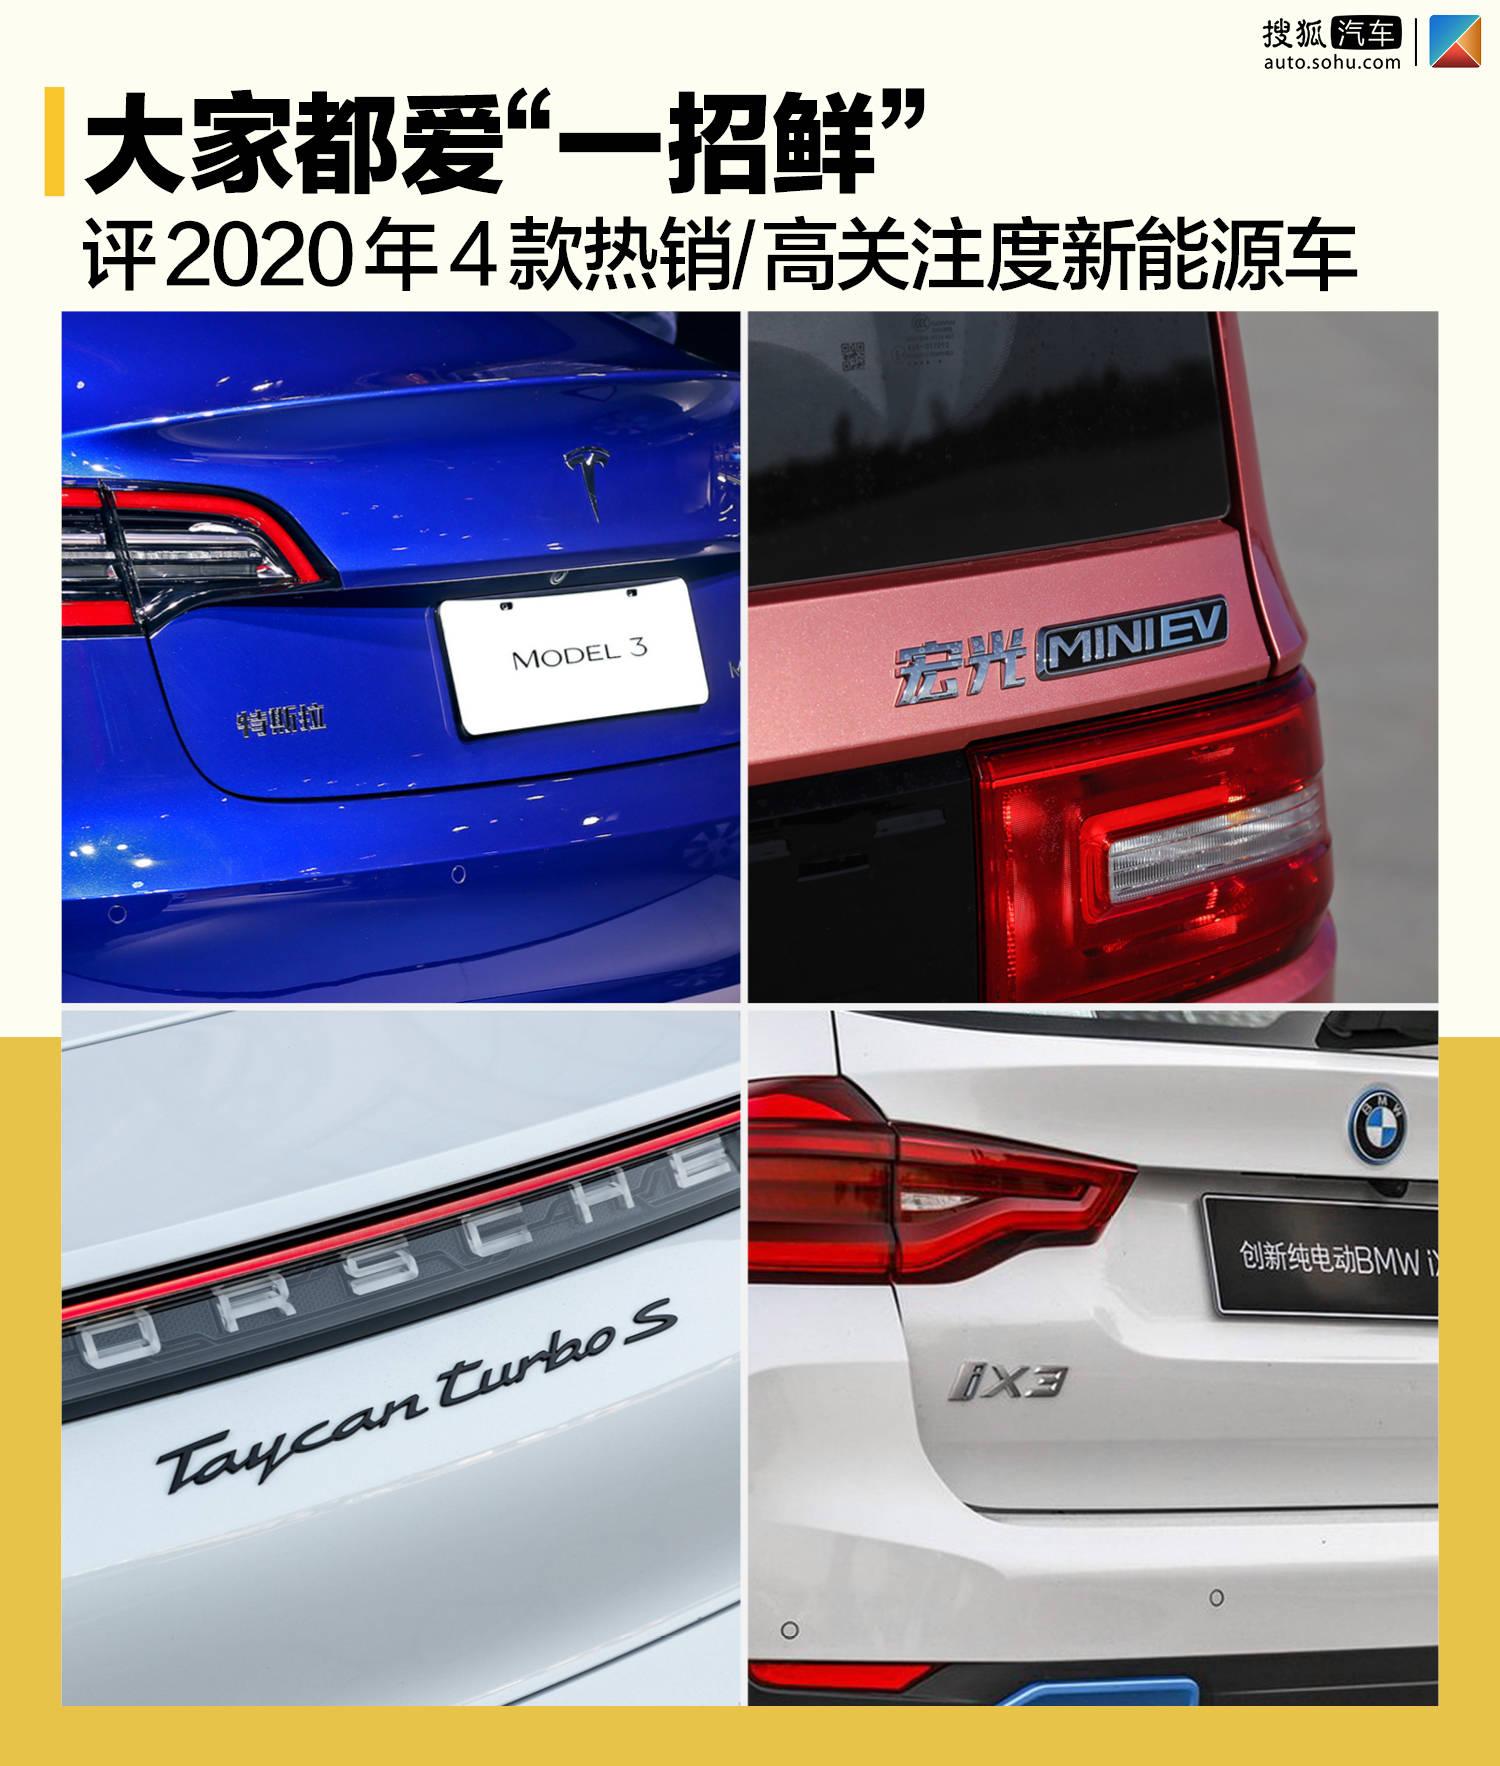 温州市新增1例海外键入 曾在京防护